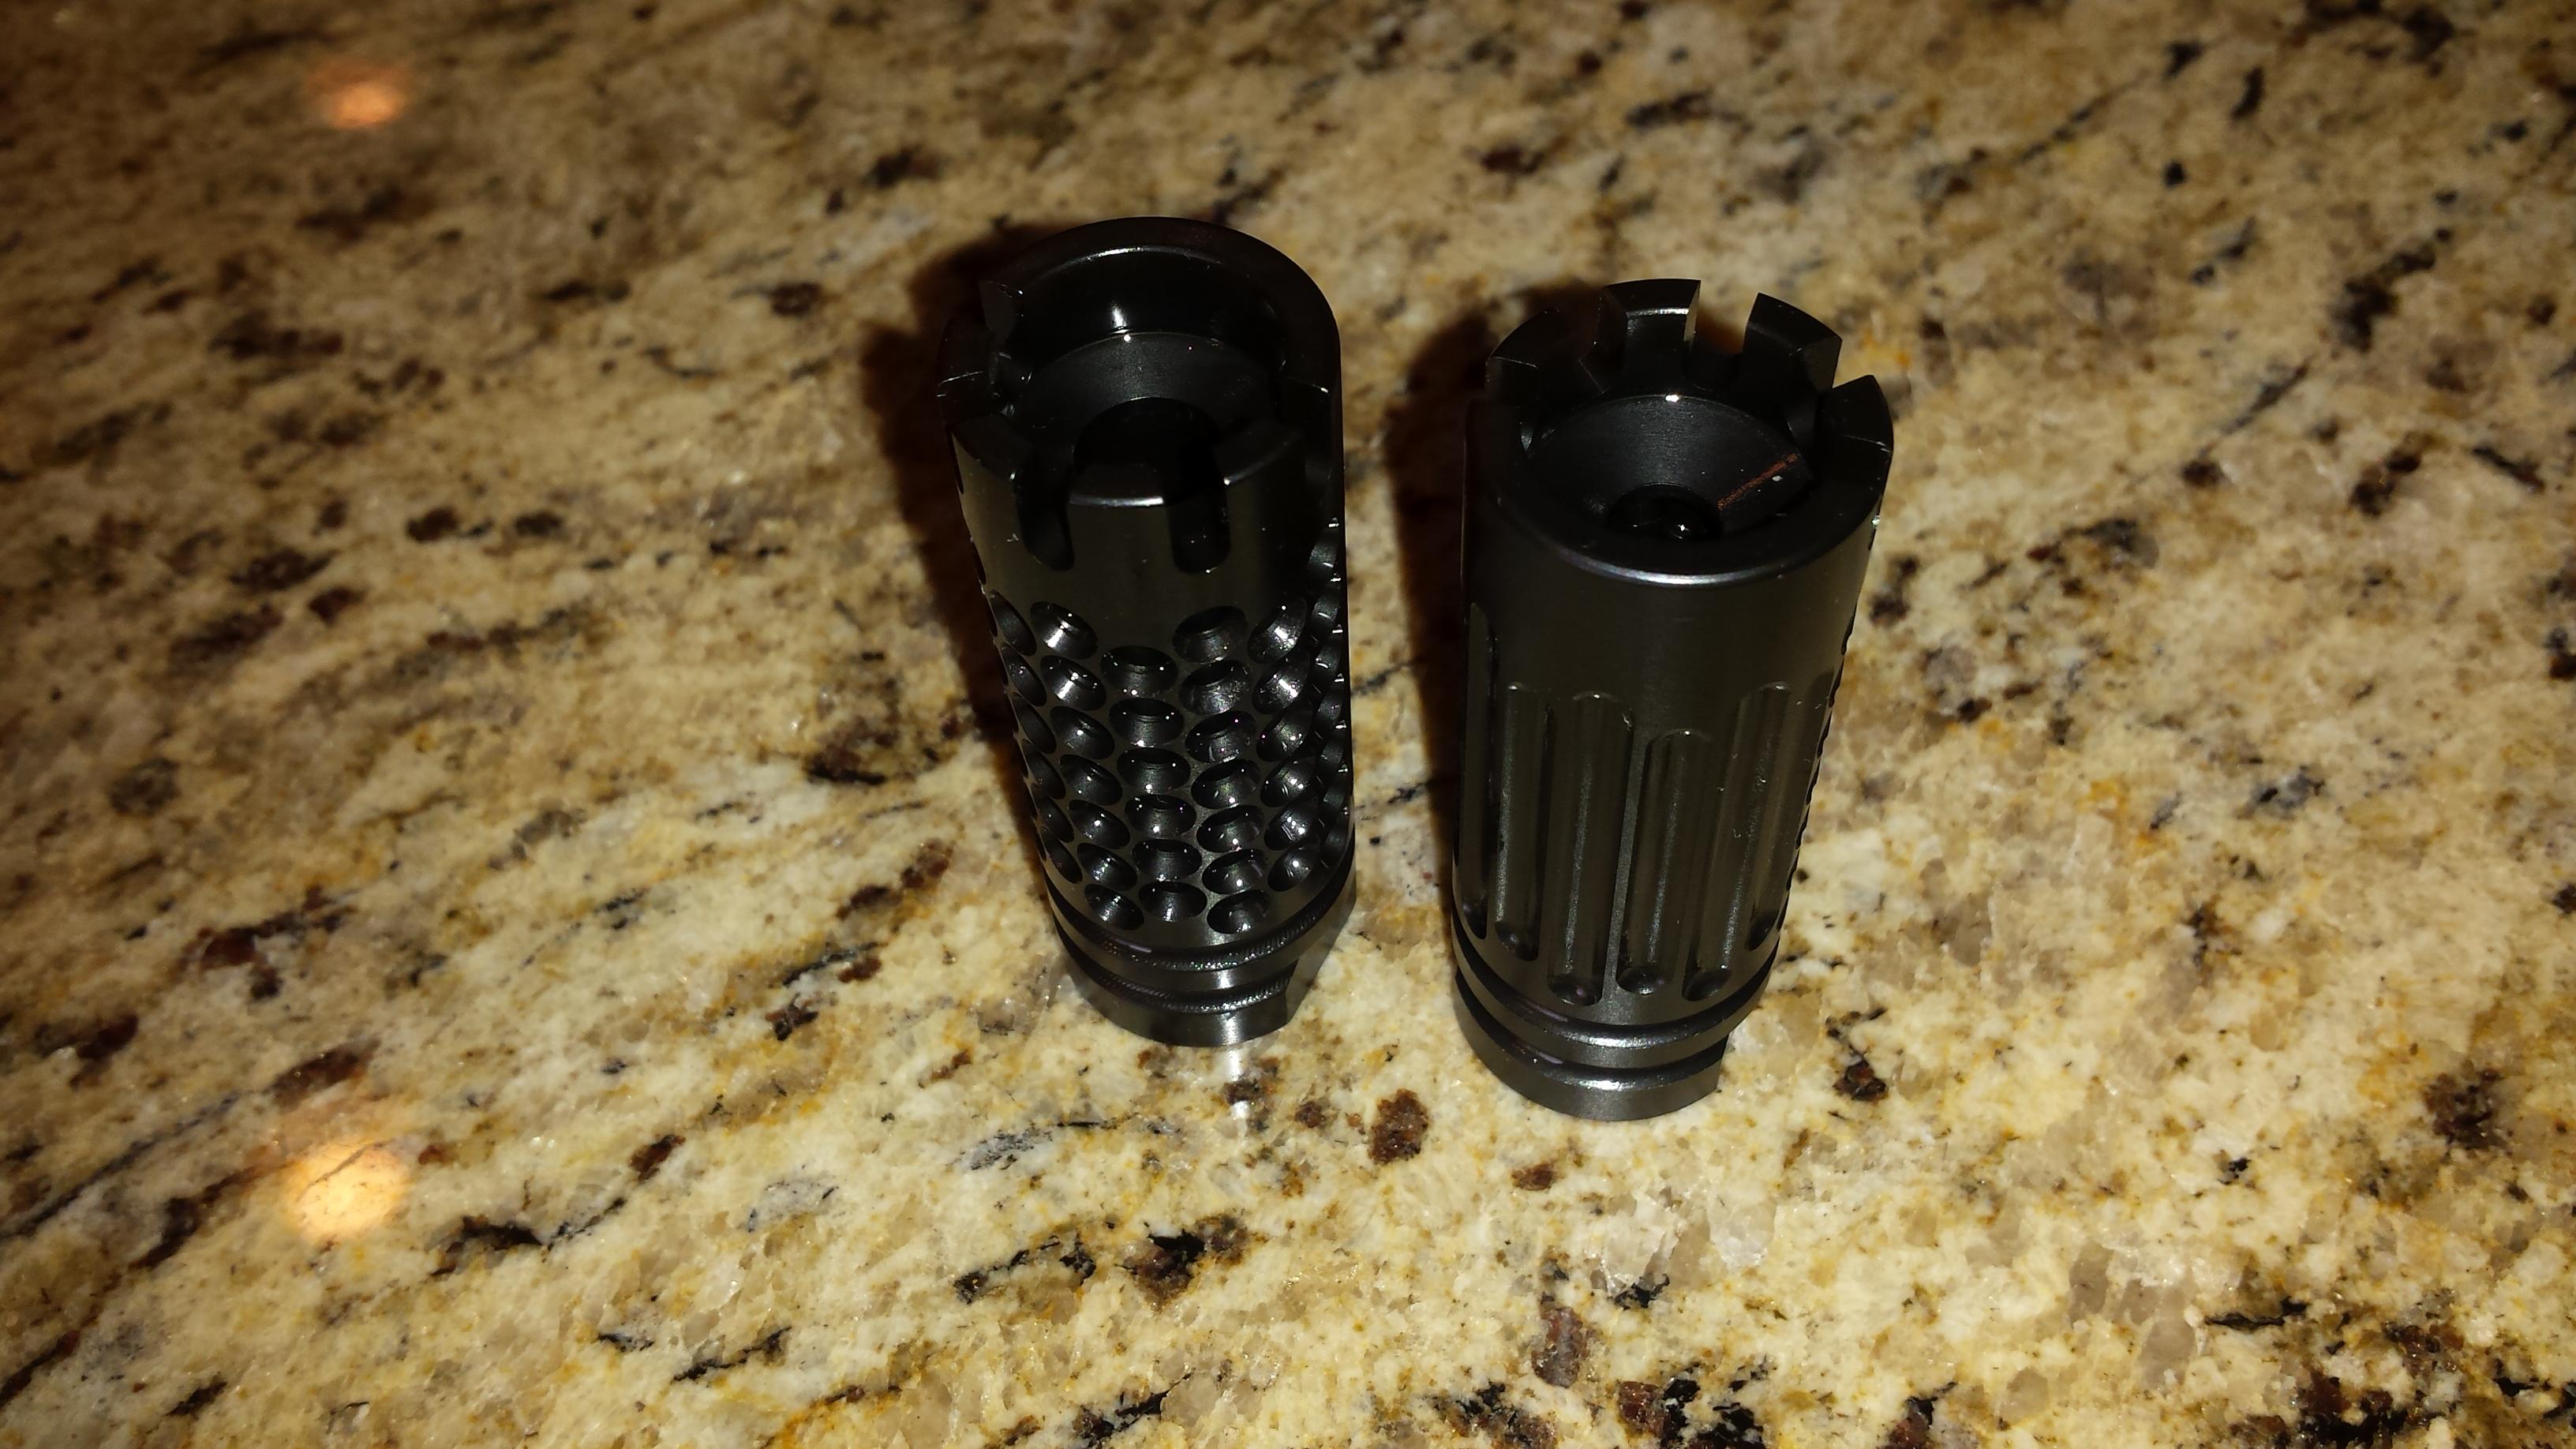 Muzzle Brake / Compensator 1/2-28